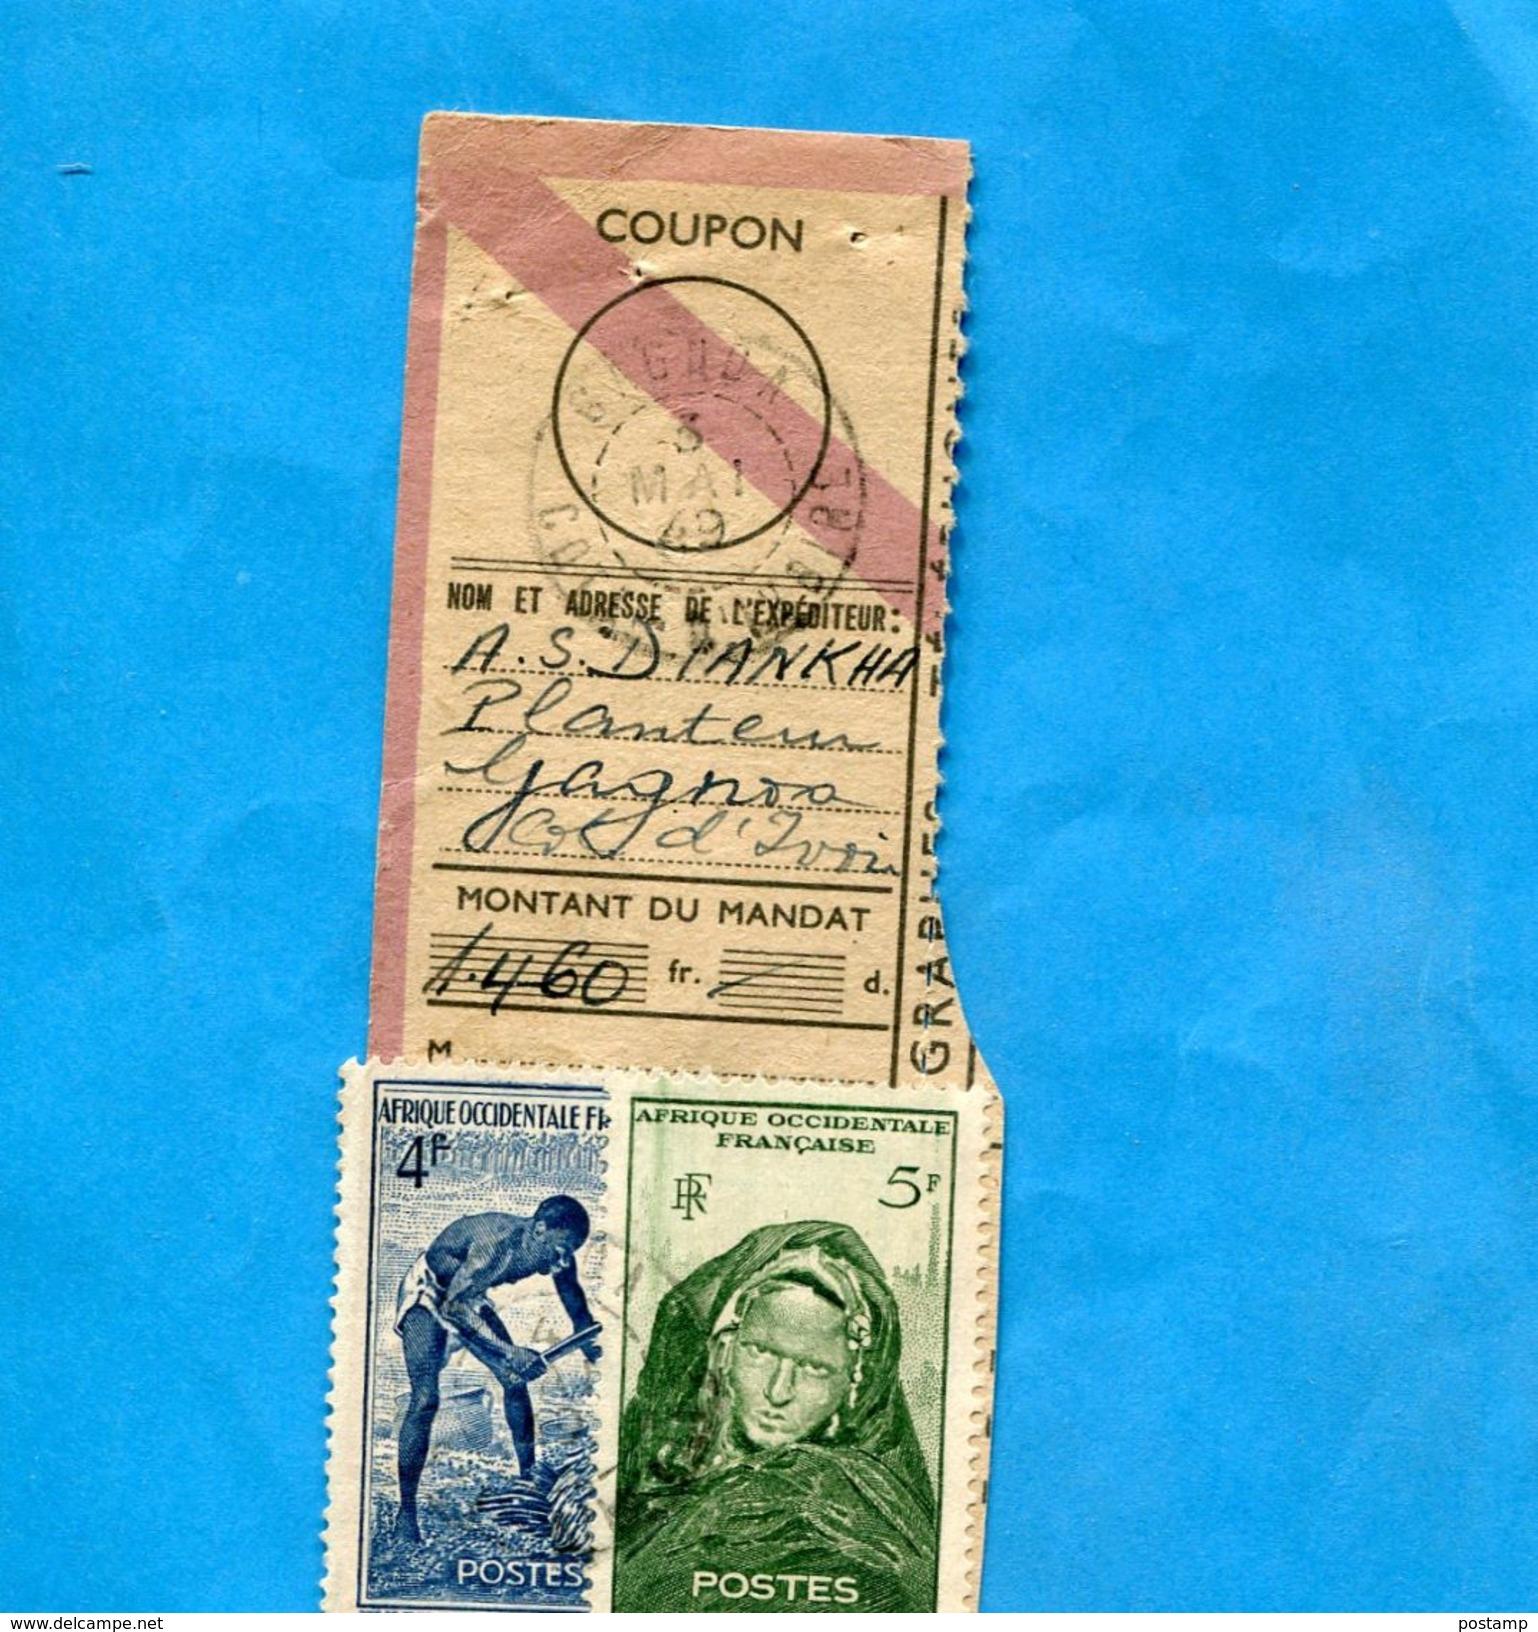 Marcophilie-cote D'ivoireFrançe-coupon De Mandat 1460 Frs Cad-GAGNOA -   1949 Affranchi-2 Stamp AOF 9 Frs - Côte-d'Ivoire (1892-1944)